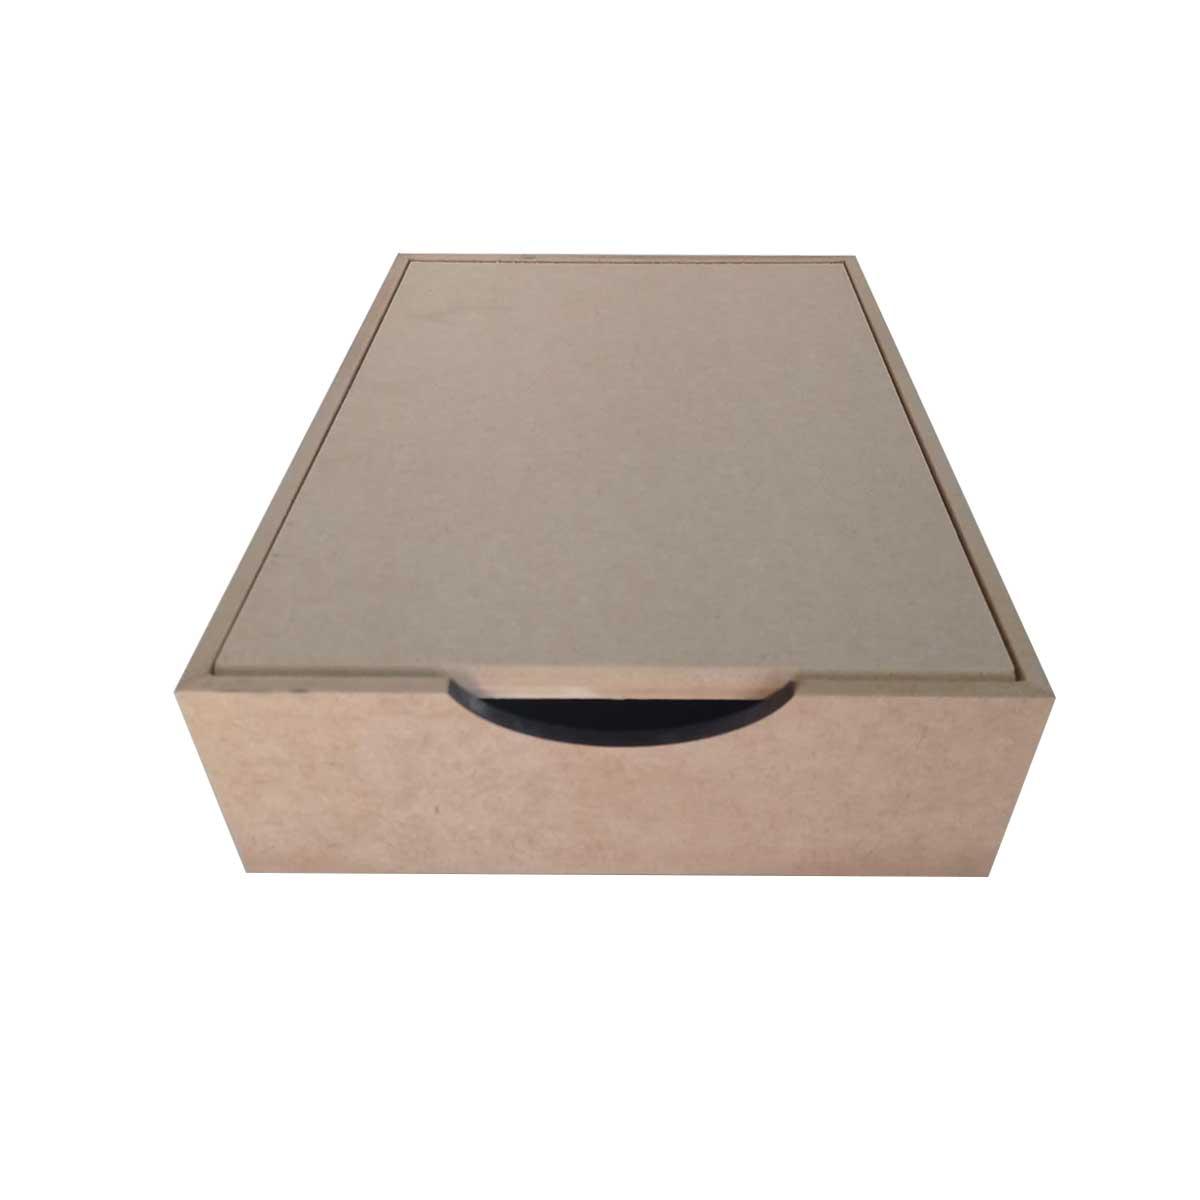 Caixa para Documentos - Basculante 32x24x8cm